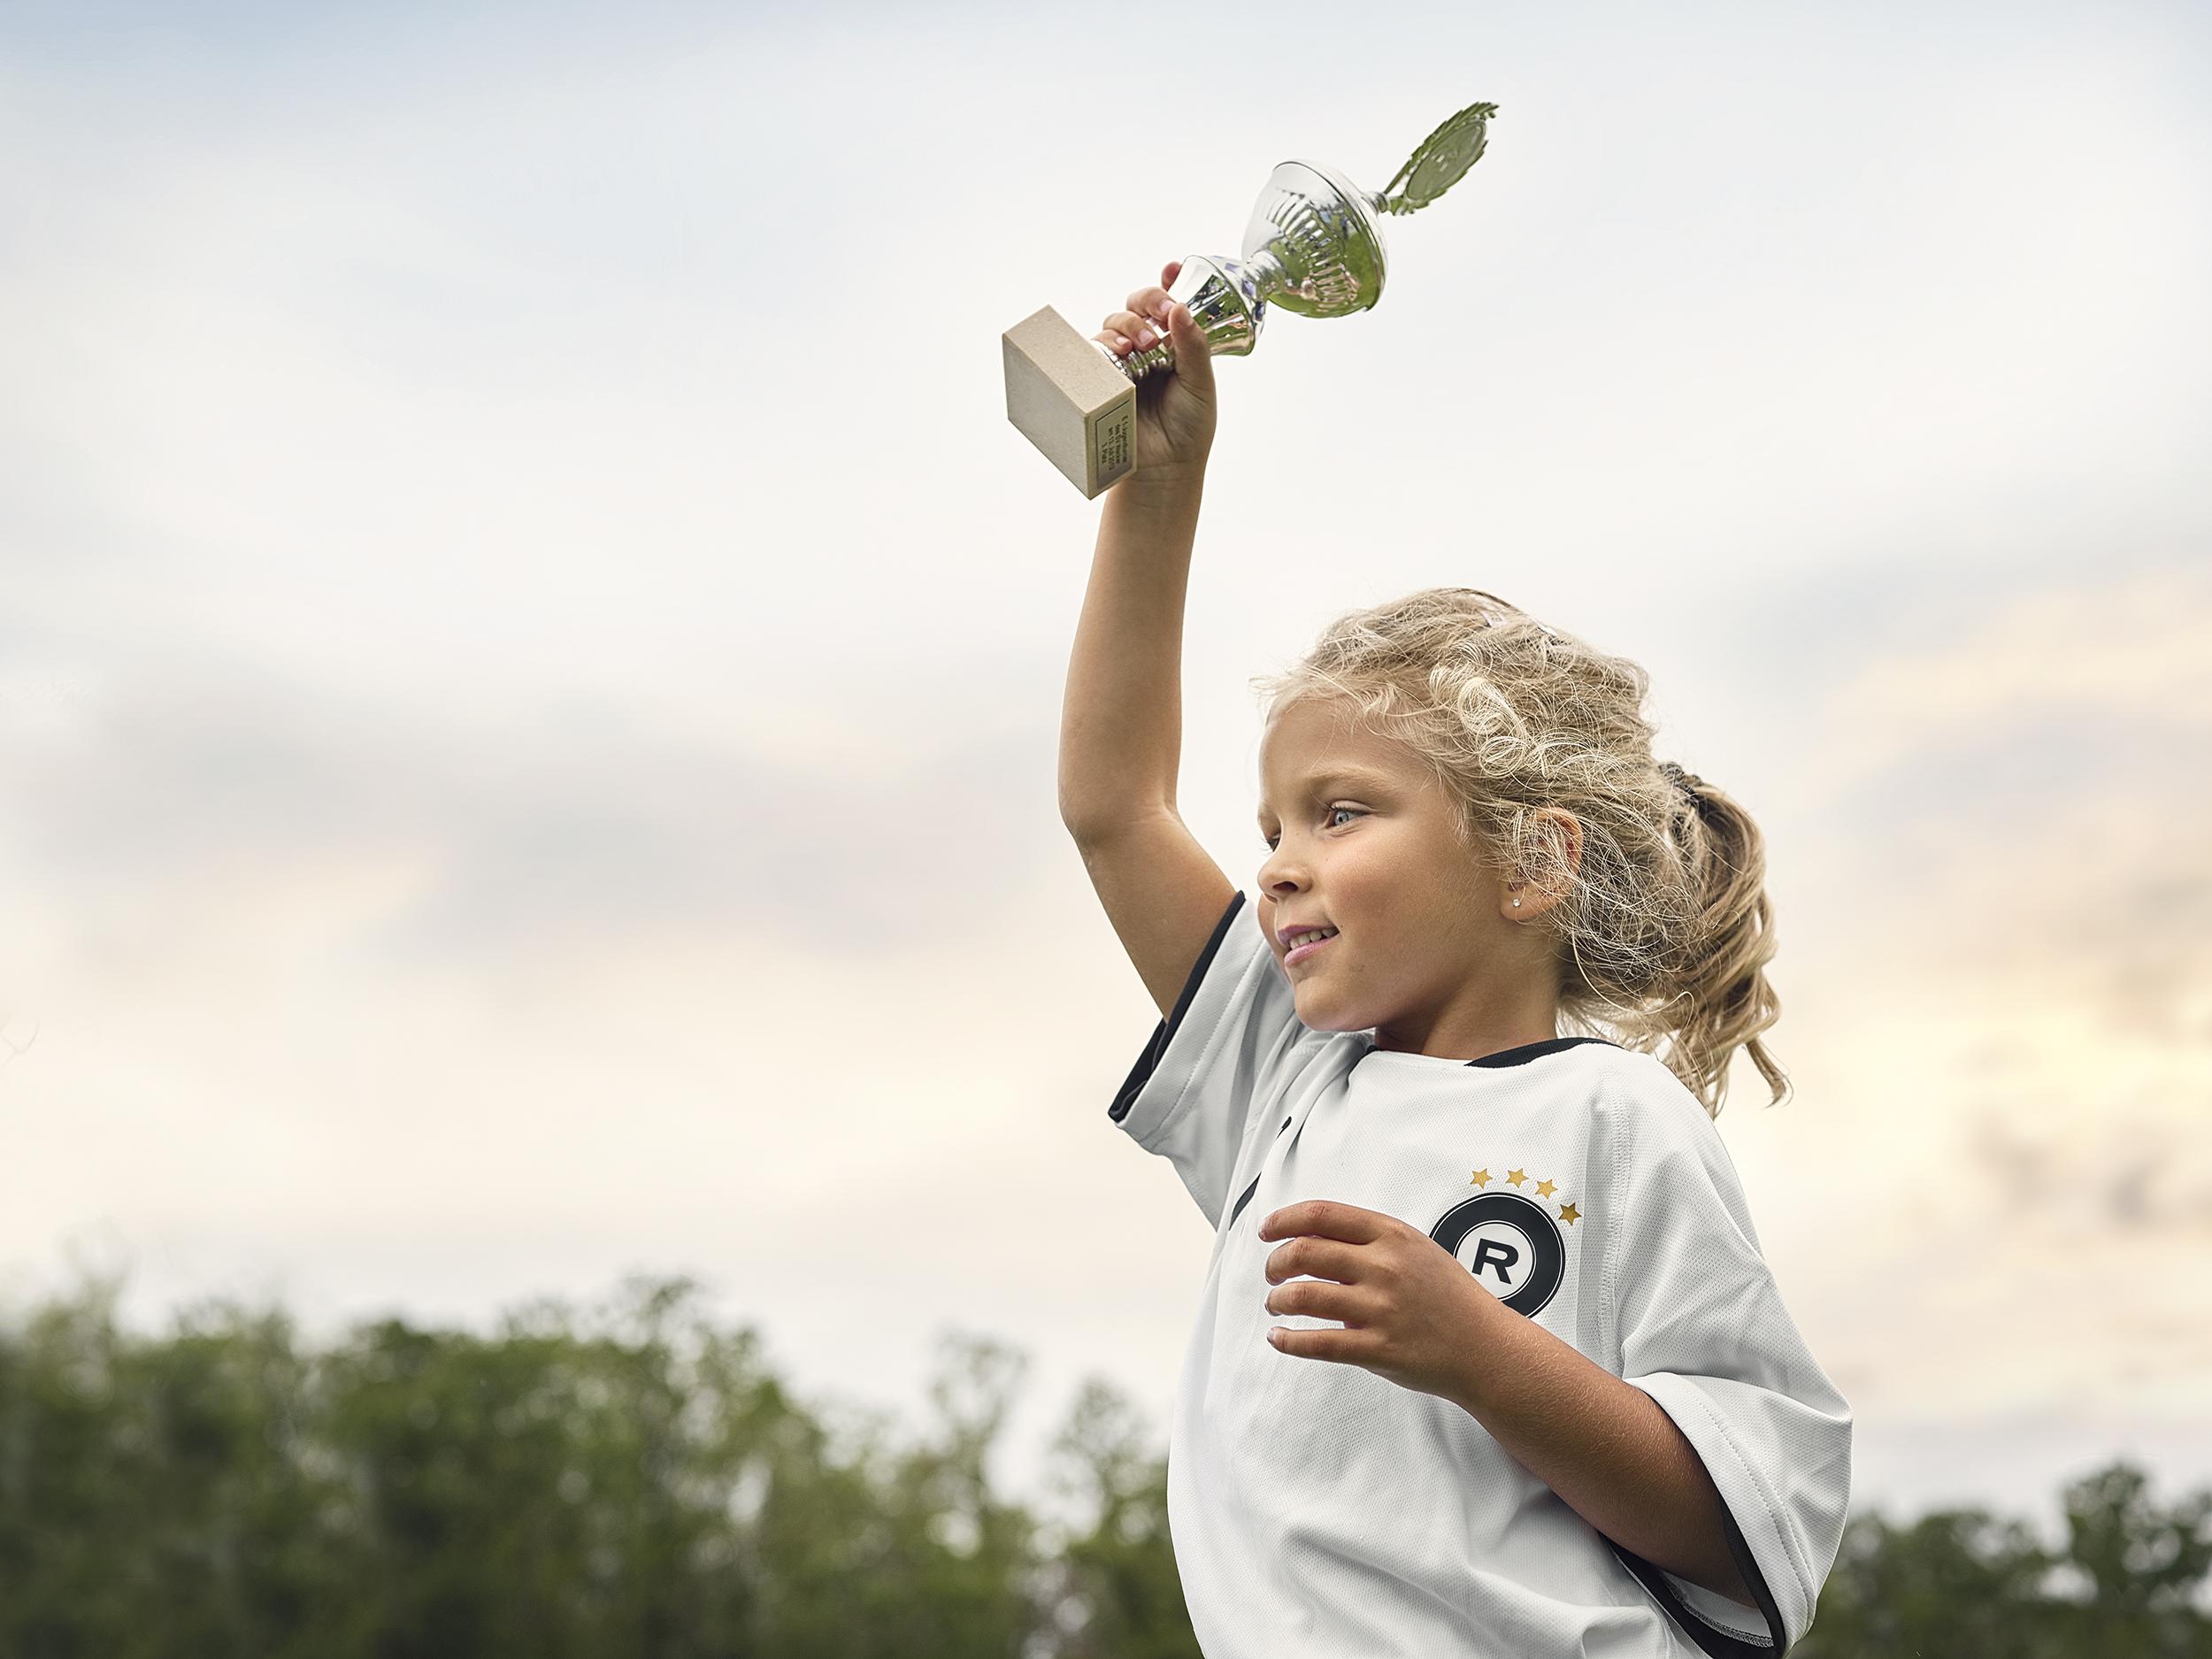 Werbefotografie Mädchen mit Trikot und Pokal